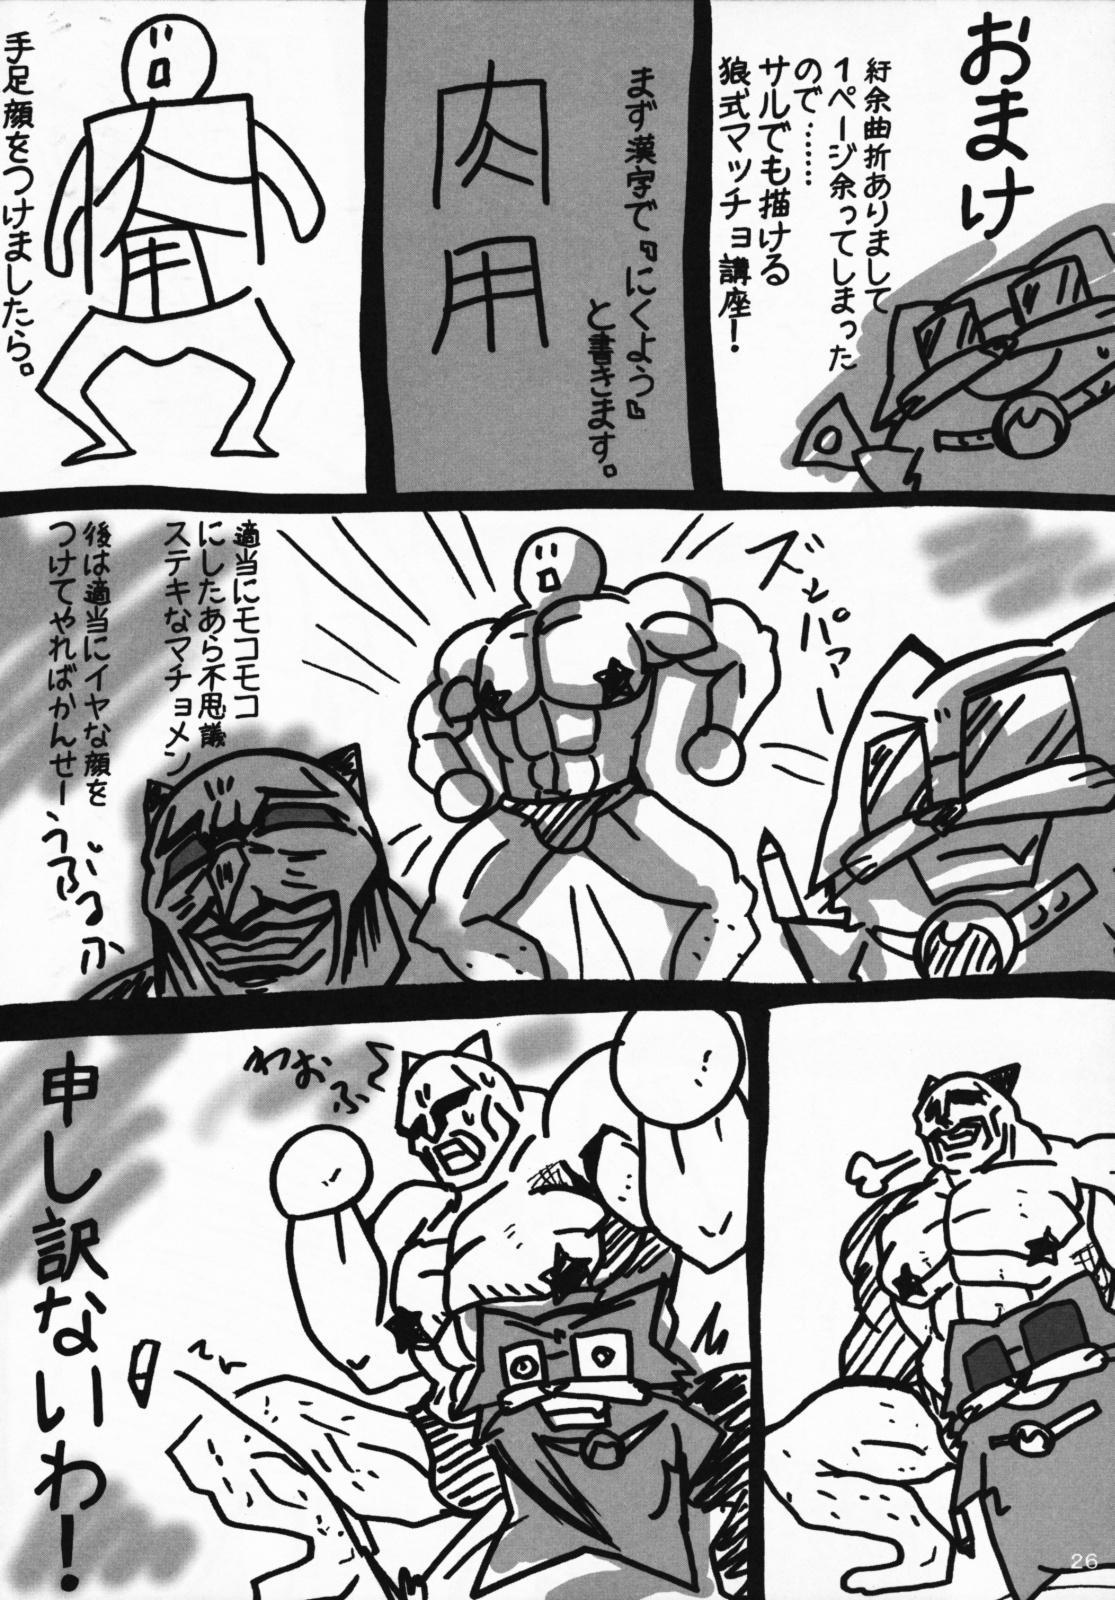 Ryoujoku Gakuen Negima! Poimono Vol.06 24